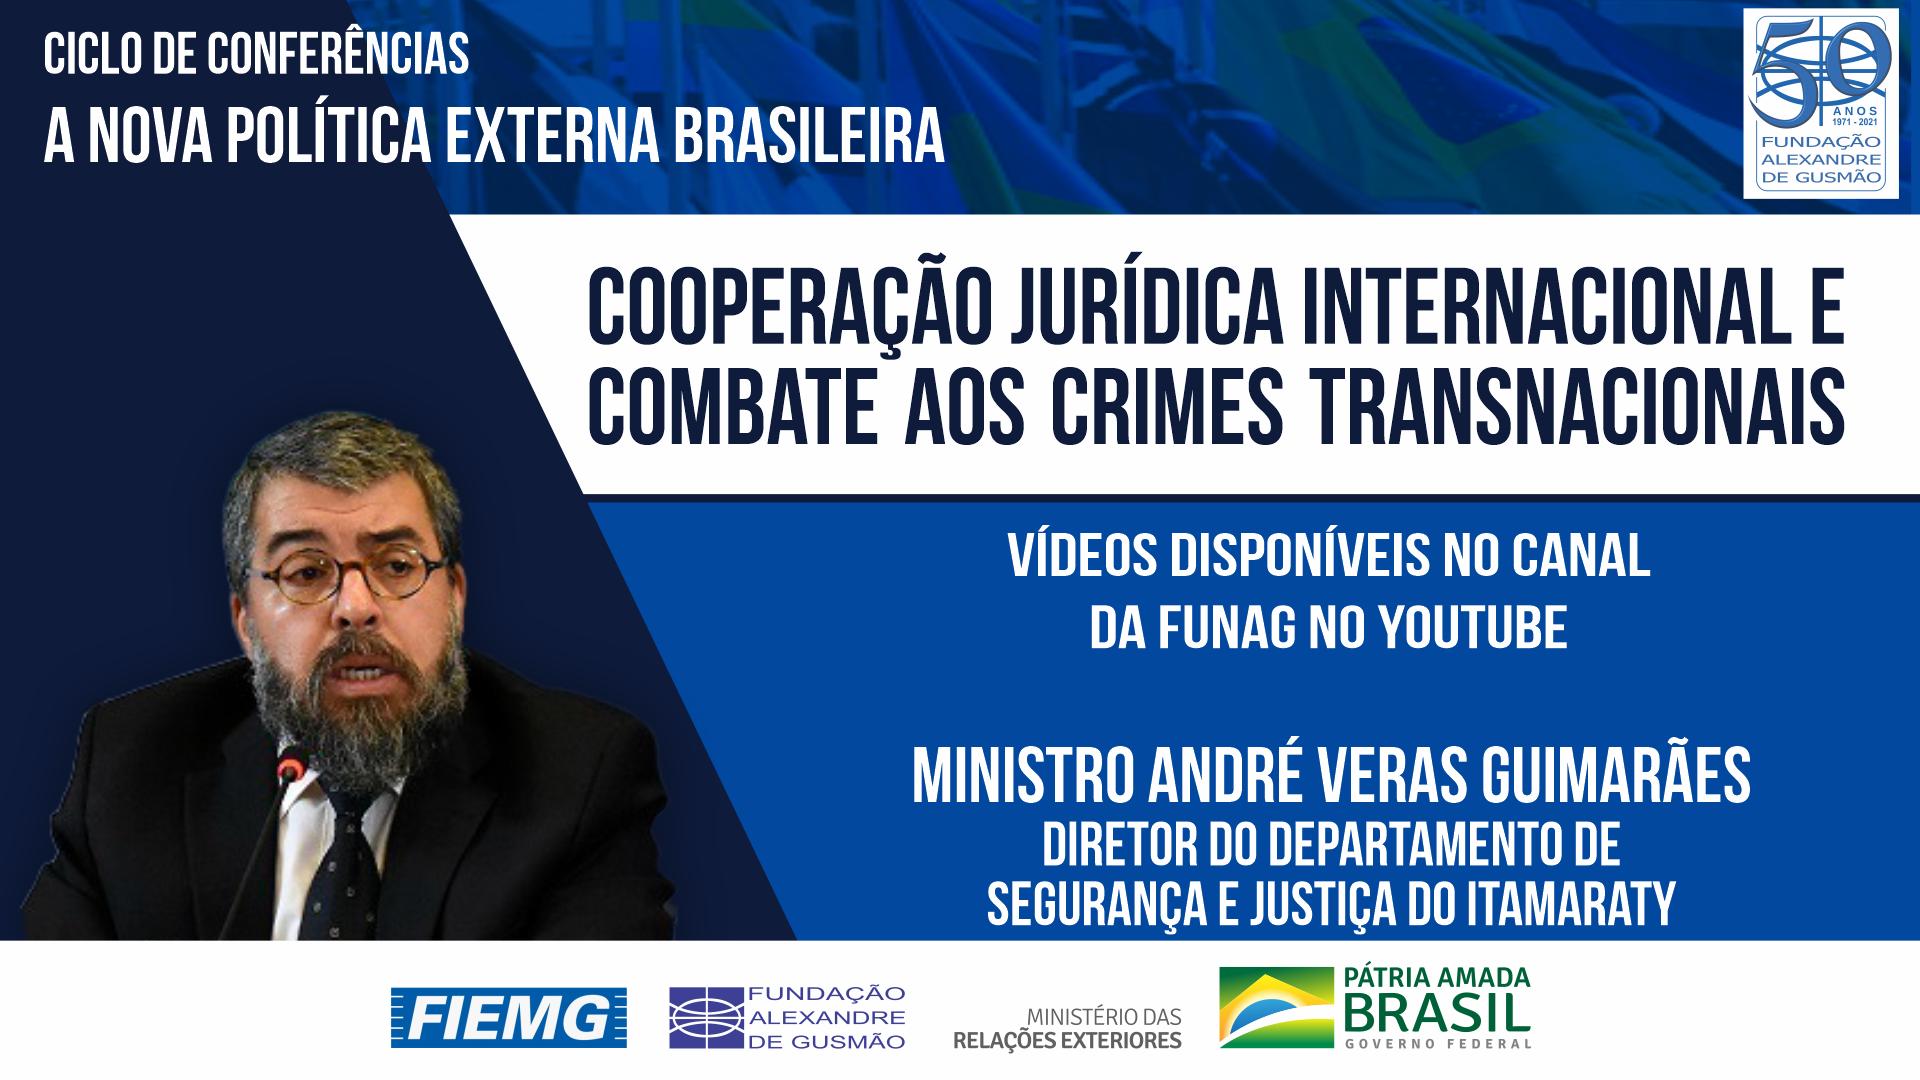 Assista aos vídeos da conferência do Diretor do Departamento de Segurança e Justiça do Itamaraty, Ministro André Veras Guimarães